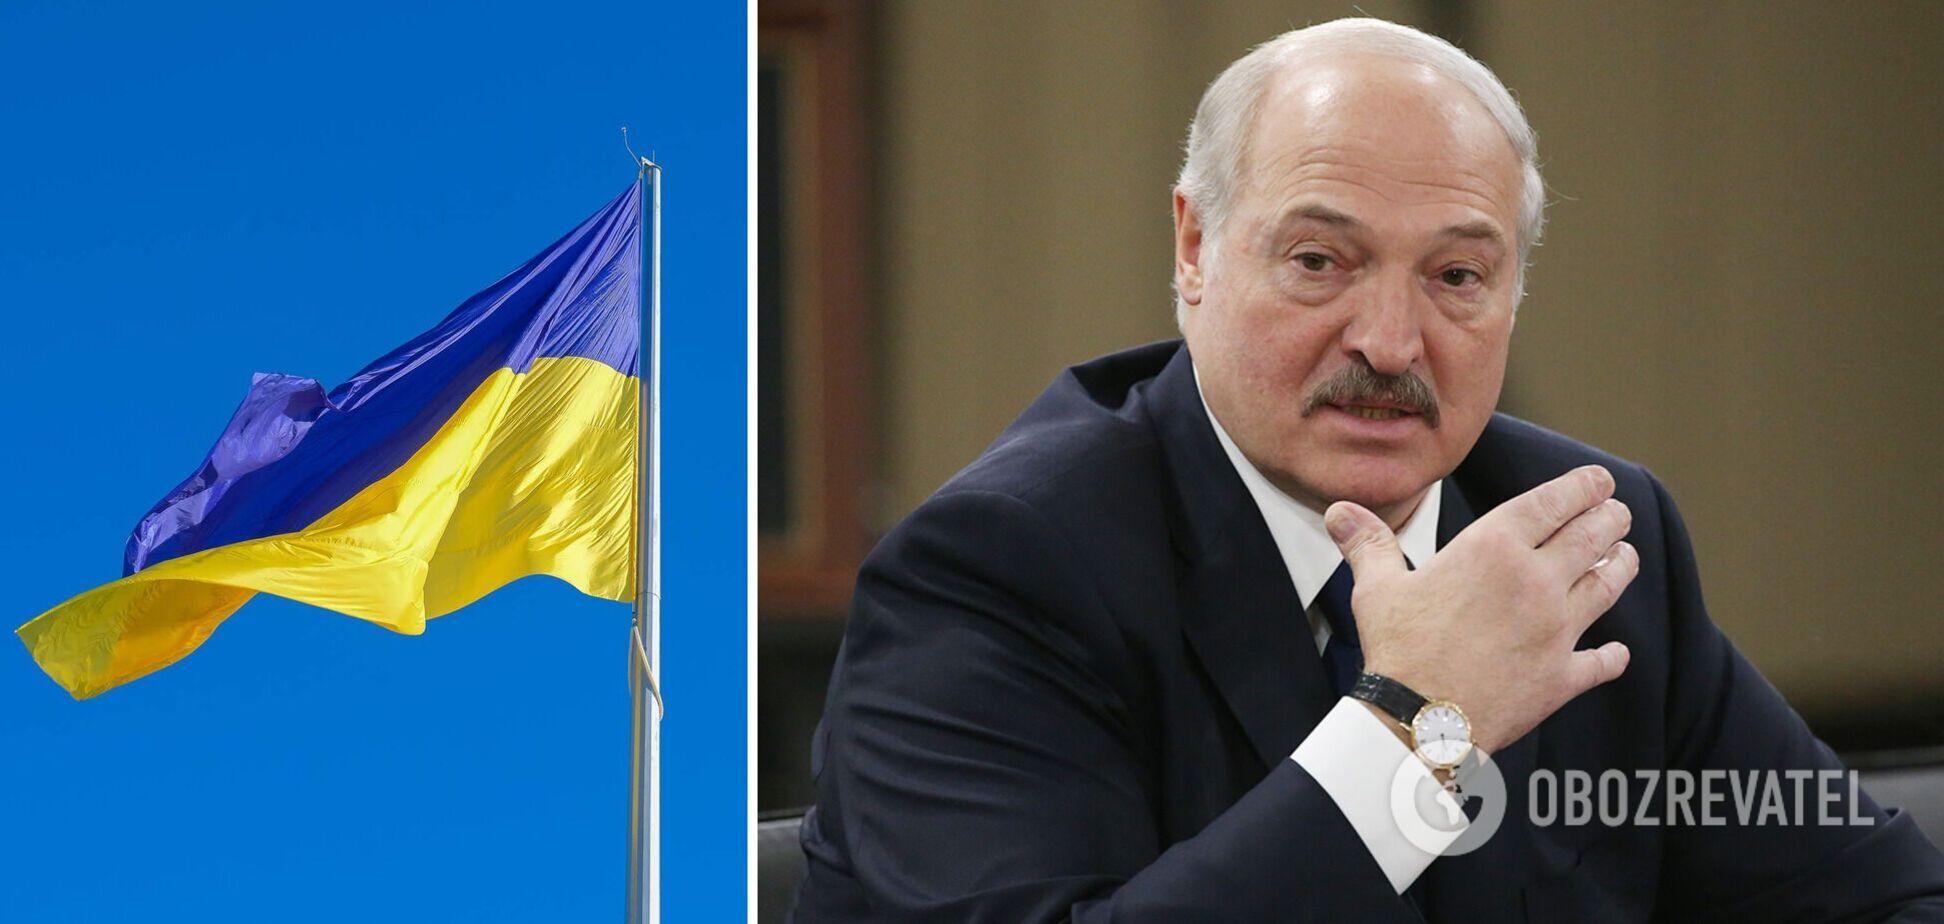 Лукашенко заговорил об 'угрозе' для Беларуси со стороны Украины: у нас открывается новый фронт